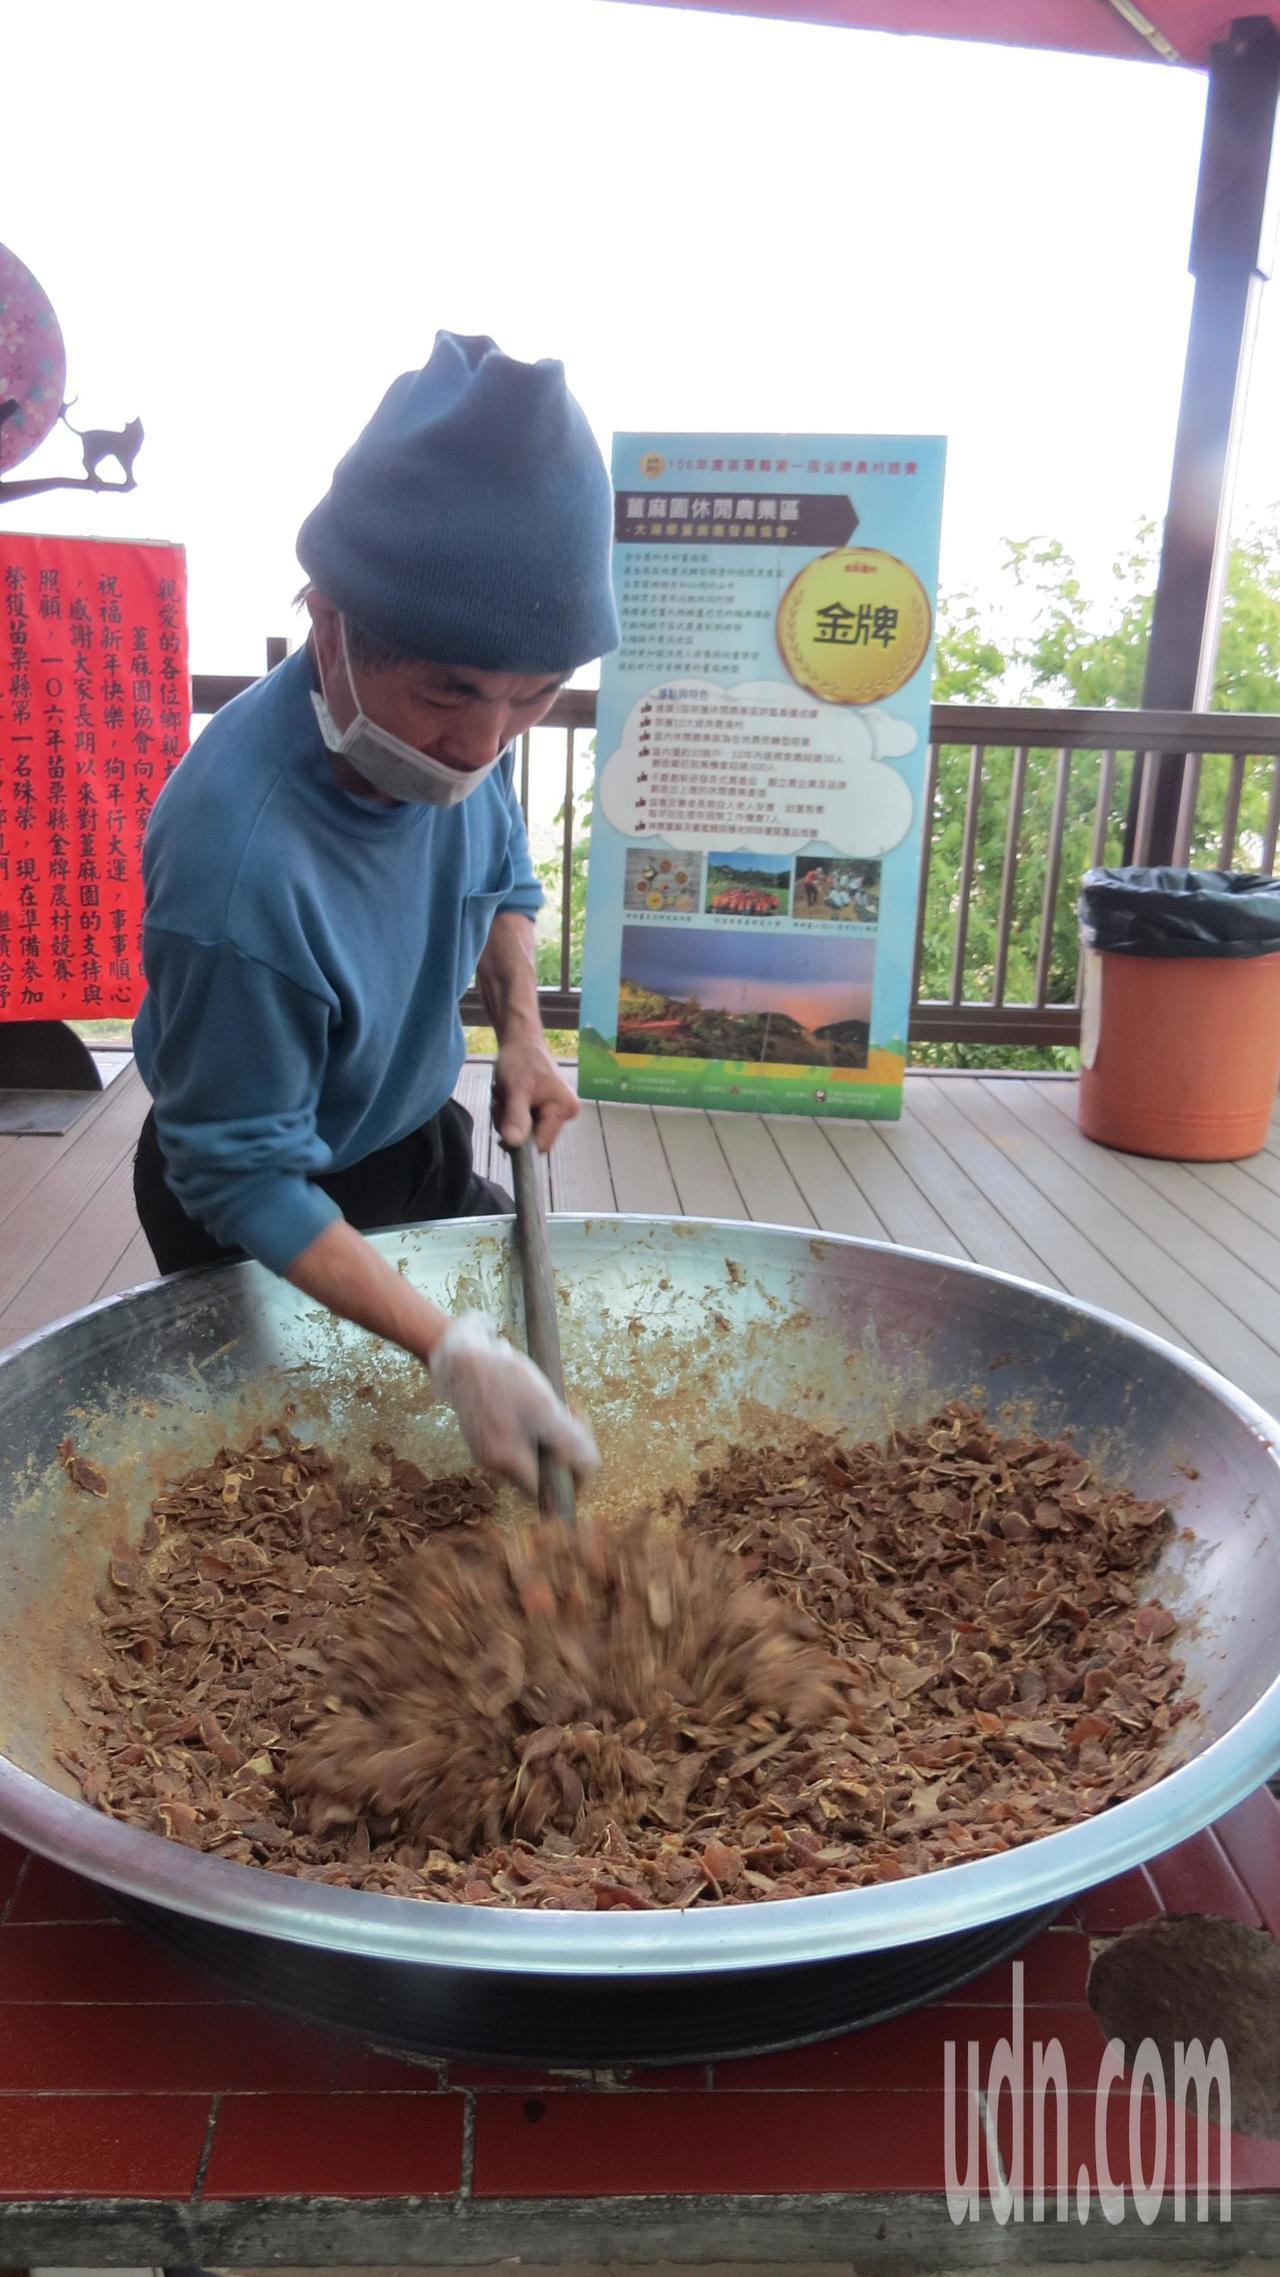 薑麻園可以看到現場炒生薑,相當具農村趣味。記者范榮達/攝影